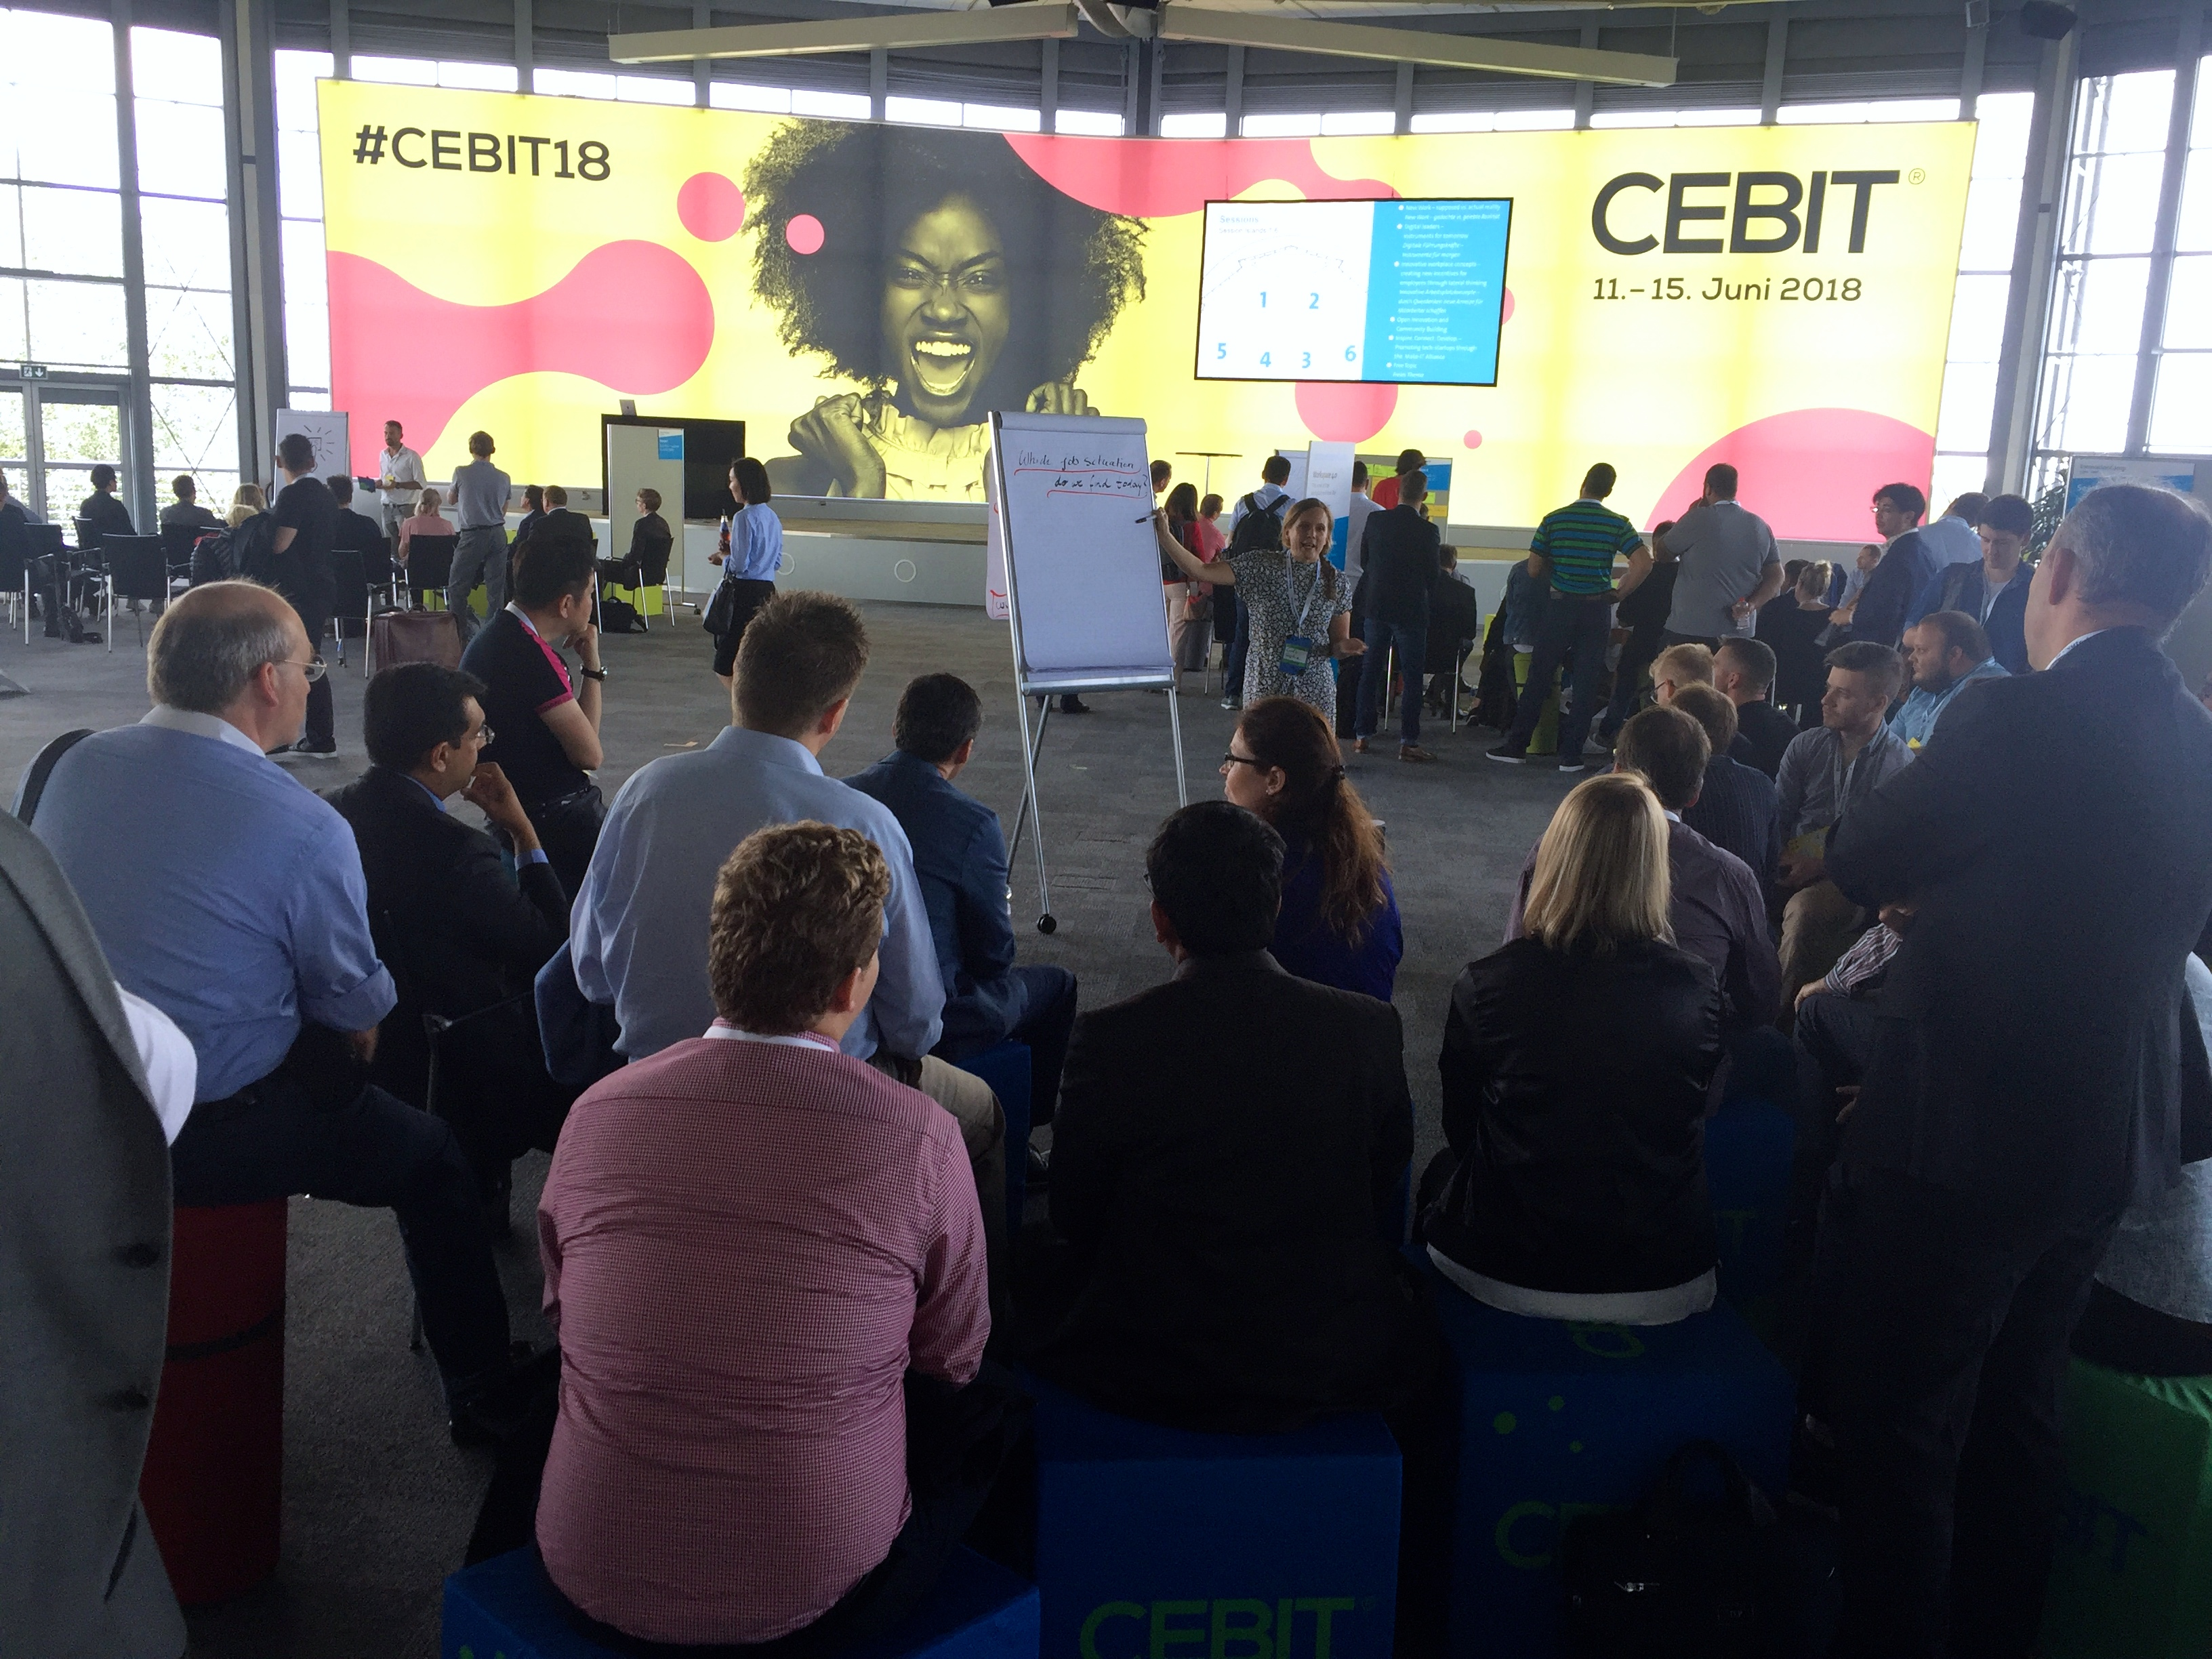 Impressionen von der CEBIT 2018*/ Impressions from CEBIT 2018